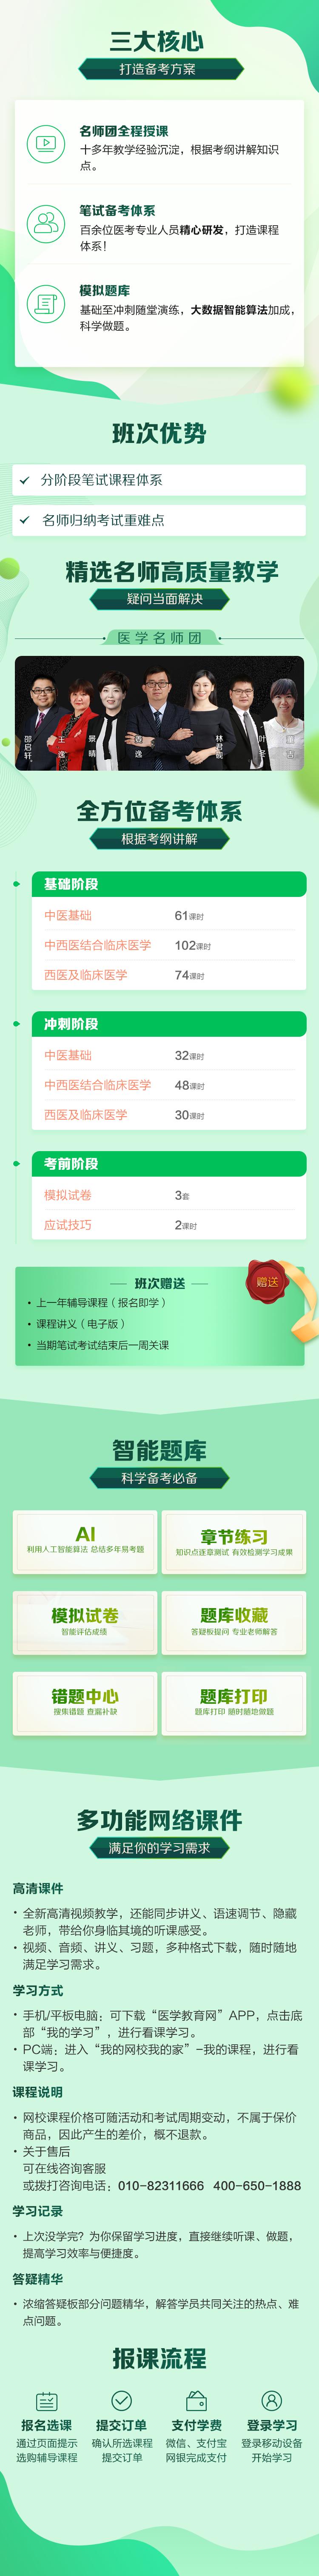 医学教育网中西医执业医师超值精品班